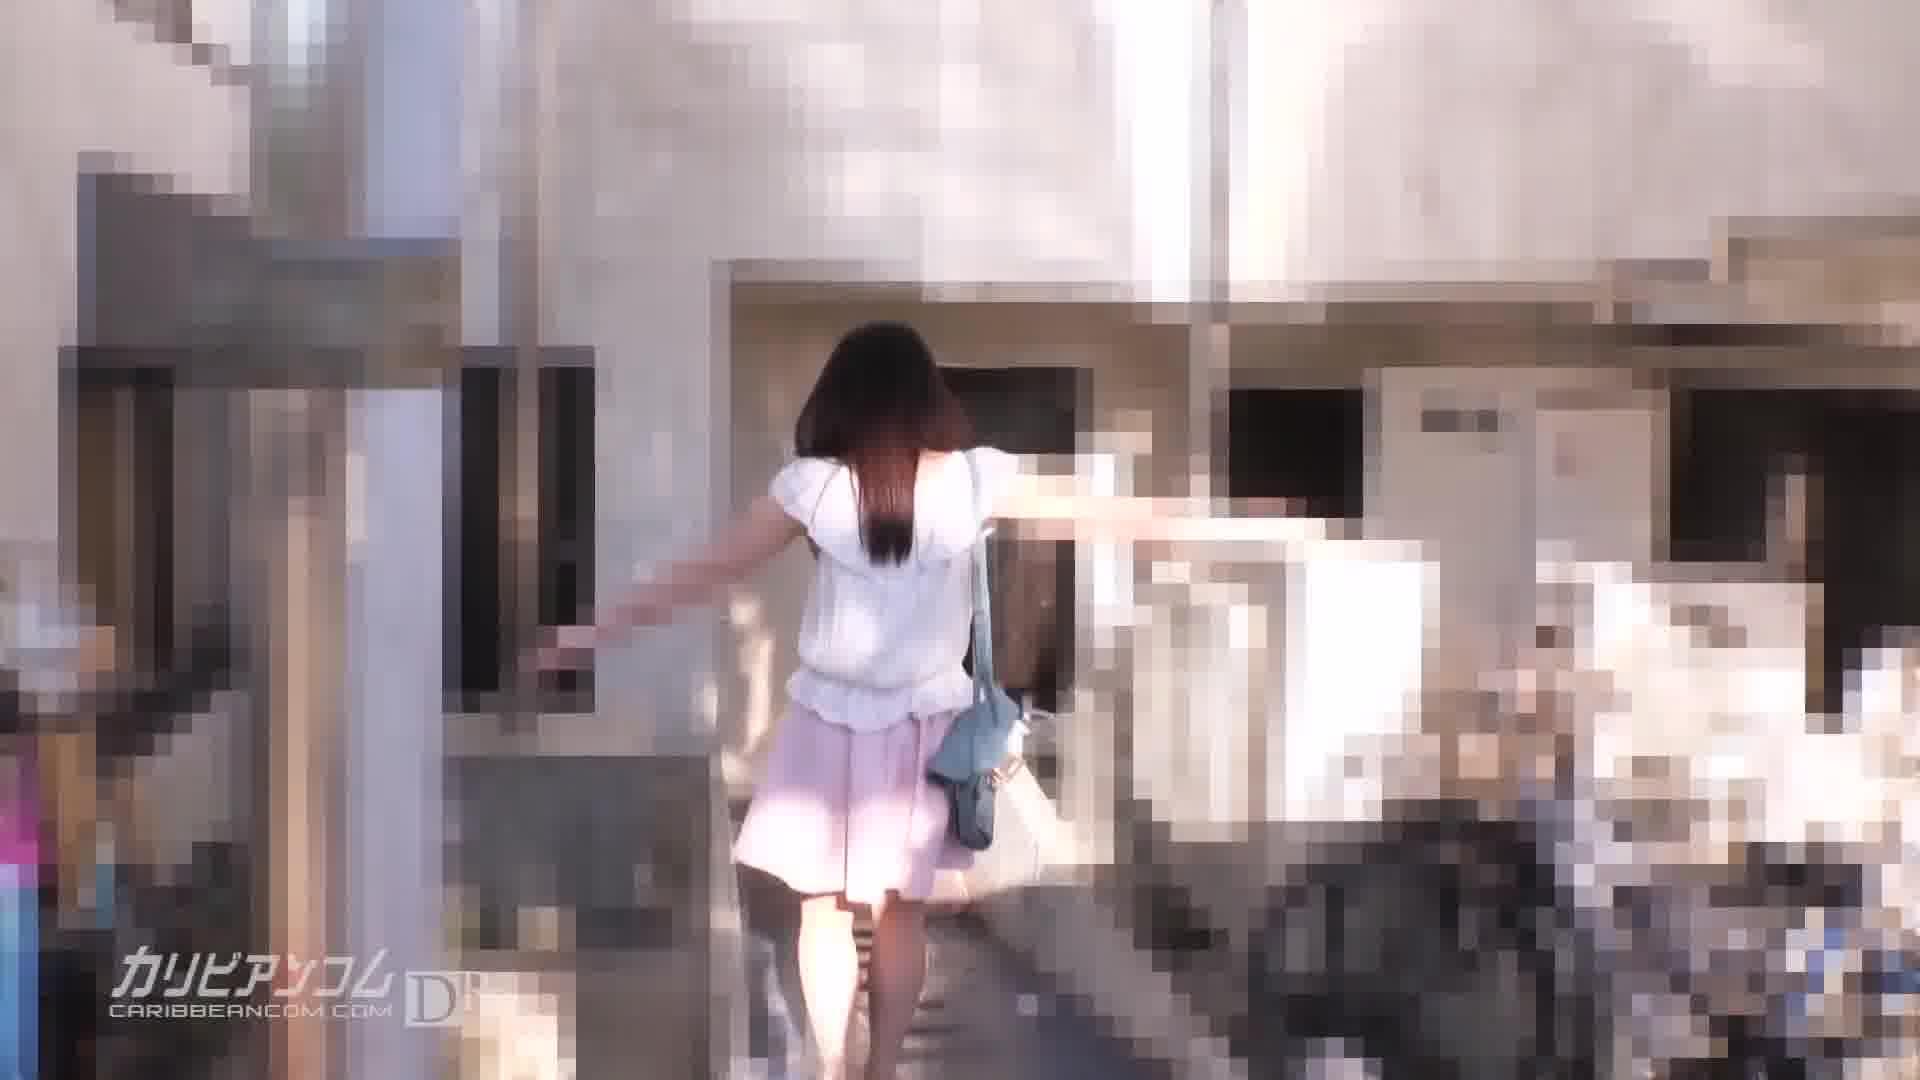 咲乃柑菜ファン感謝祭 ~子作りしたがる男たちのお宅訪問~  - 咲乃柑菜【美脚・手コキ・中出し】